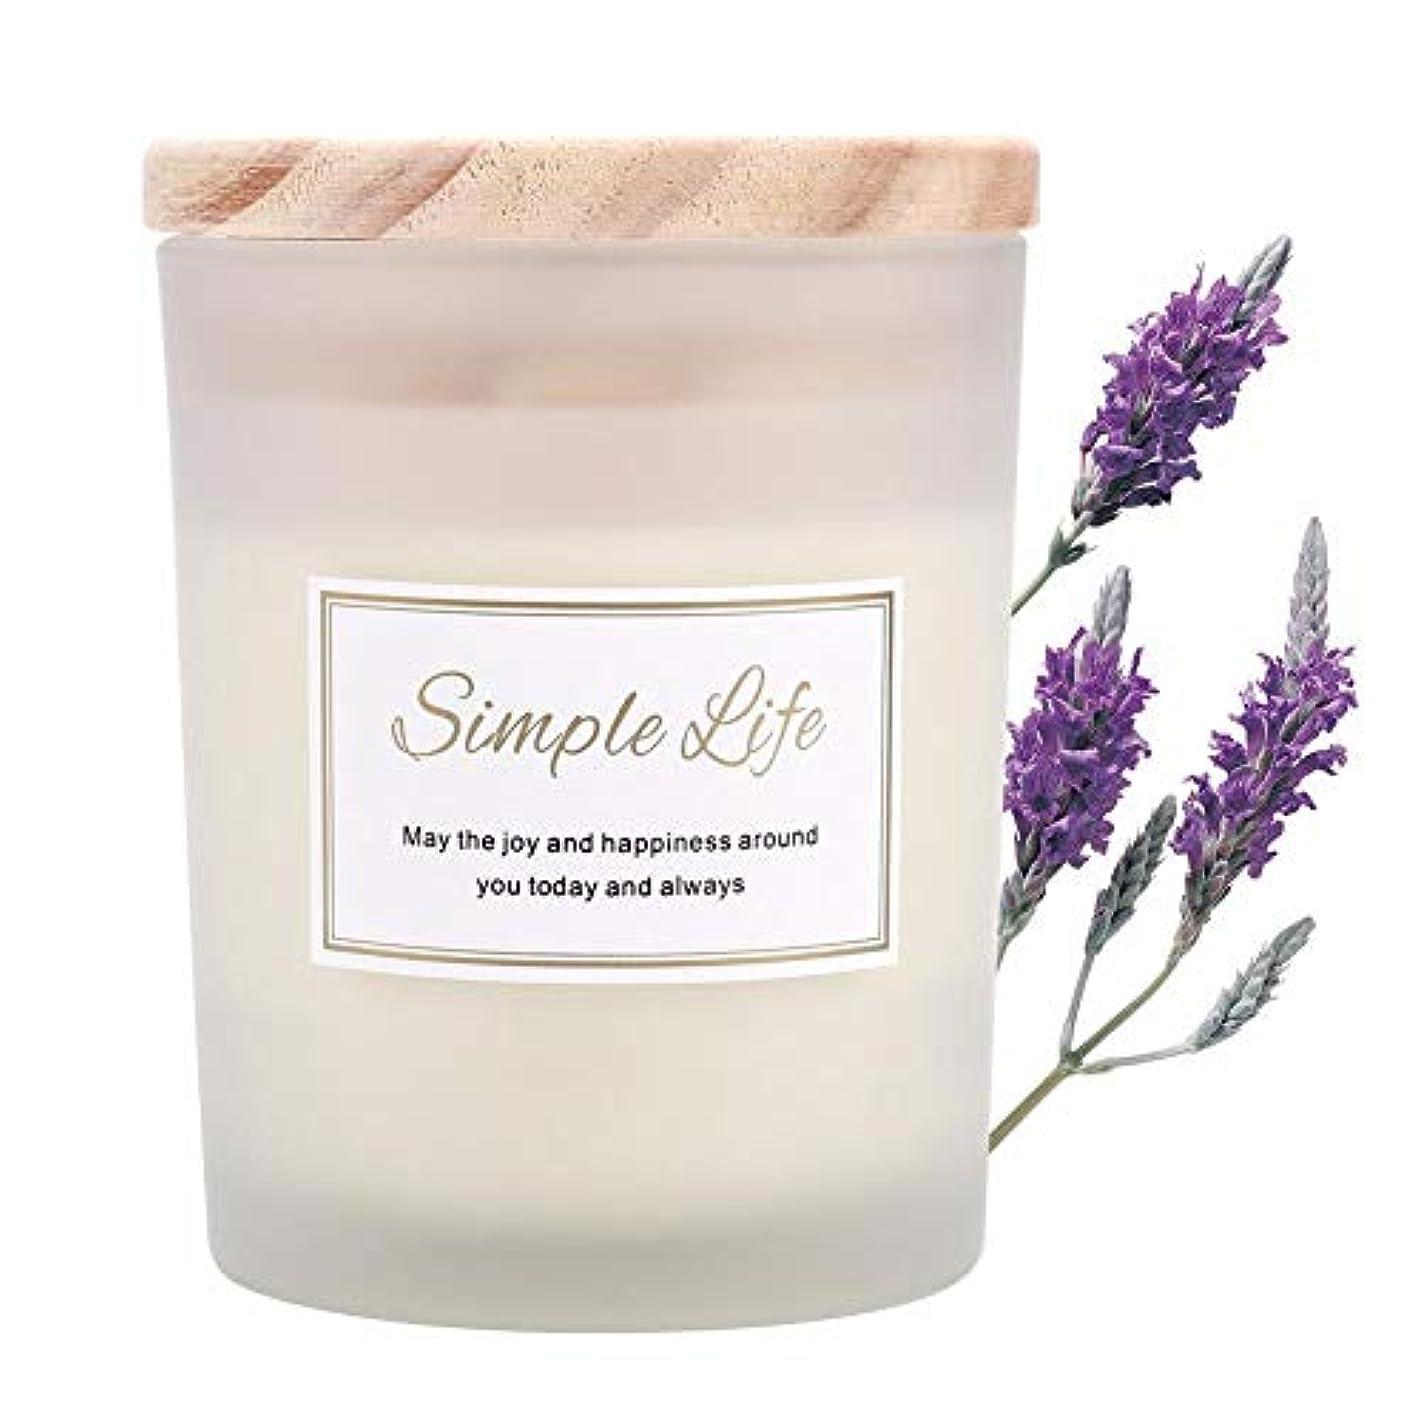 香料入りの蝋燭大豆ワックスガラス瓶キャンドルギフトイギリス梨&フリージア、ラベンダーの家の装飾(ラベンダー)